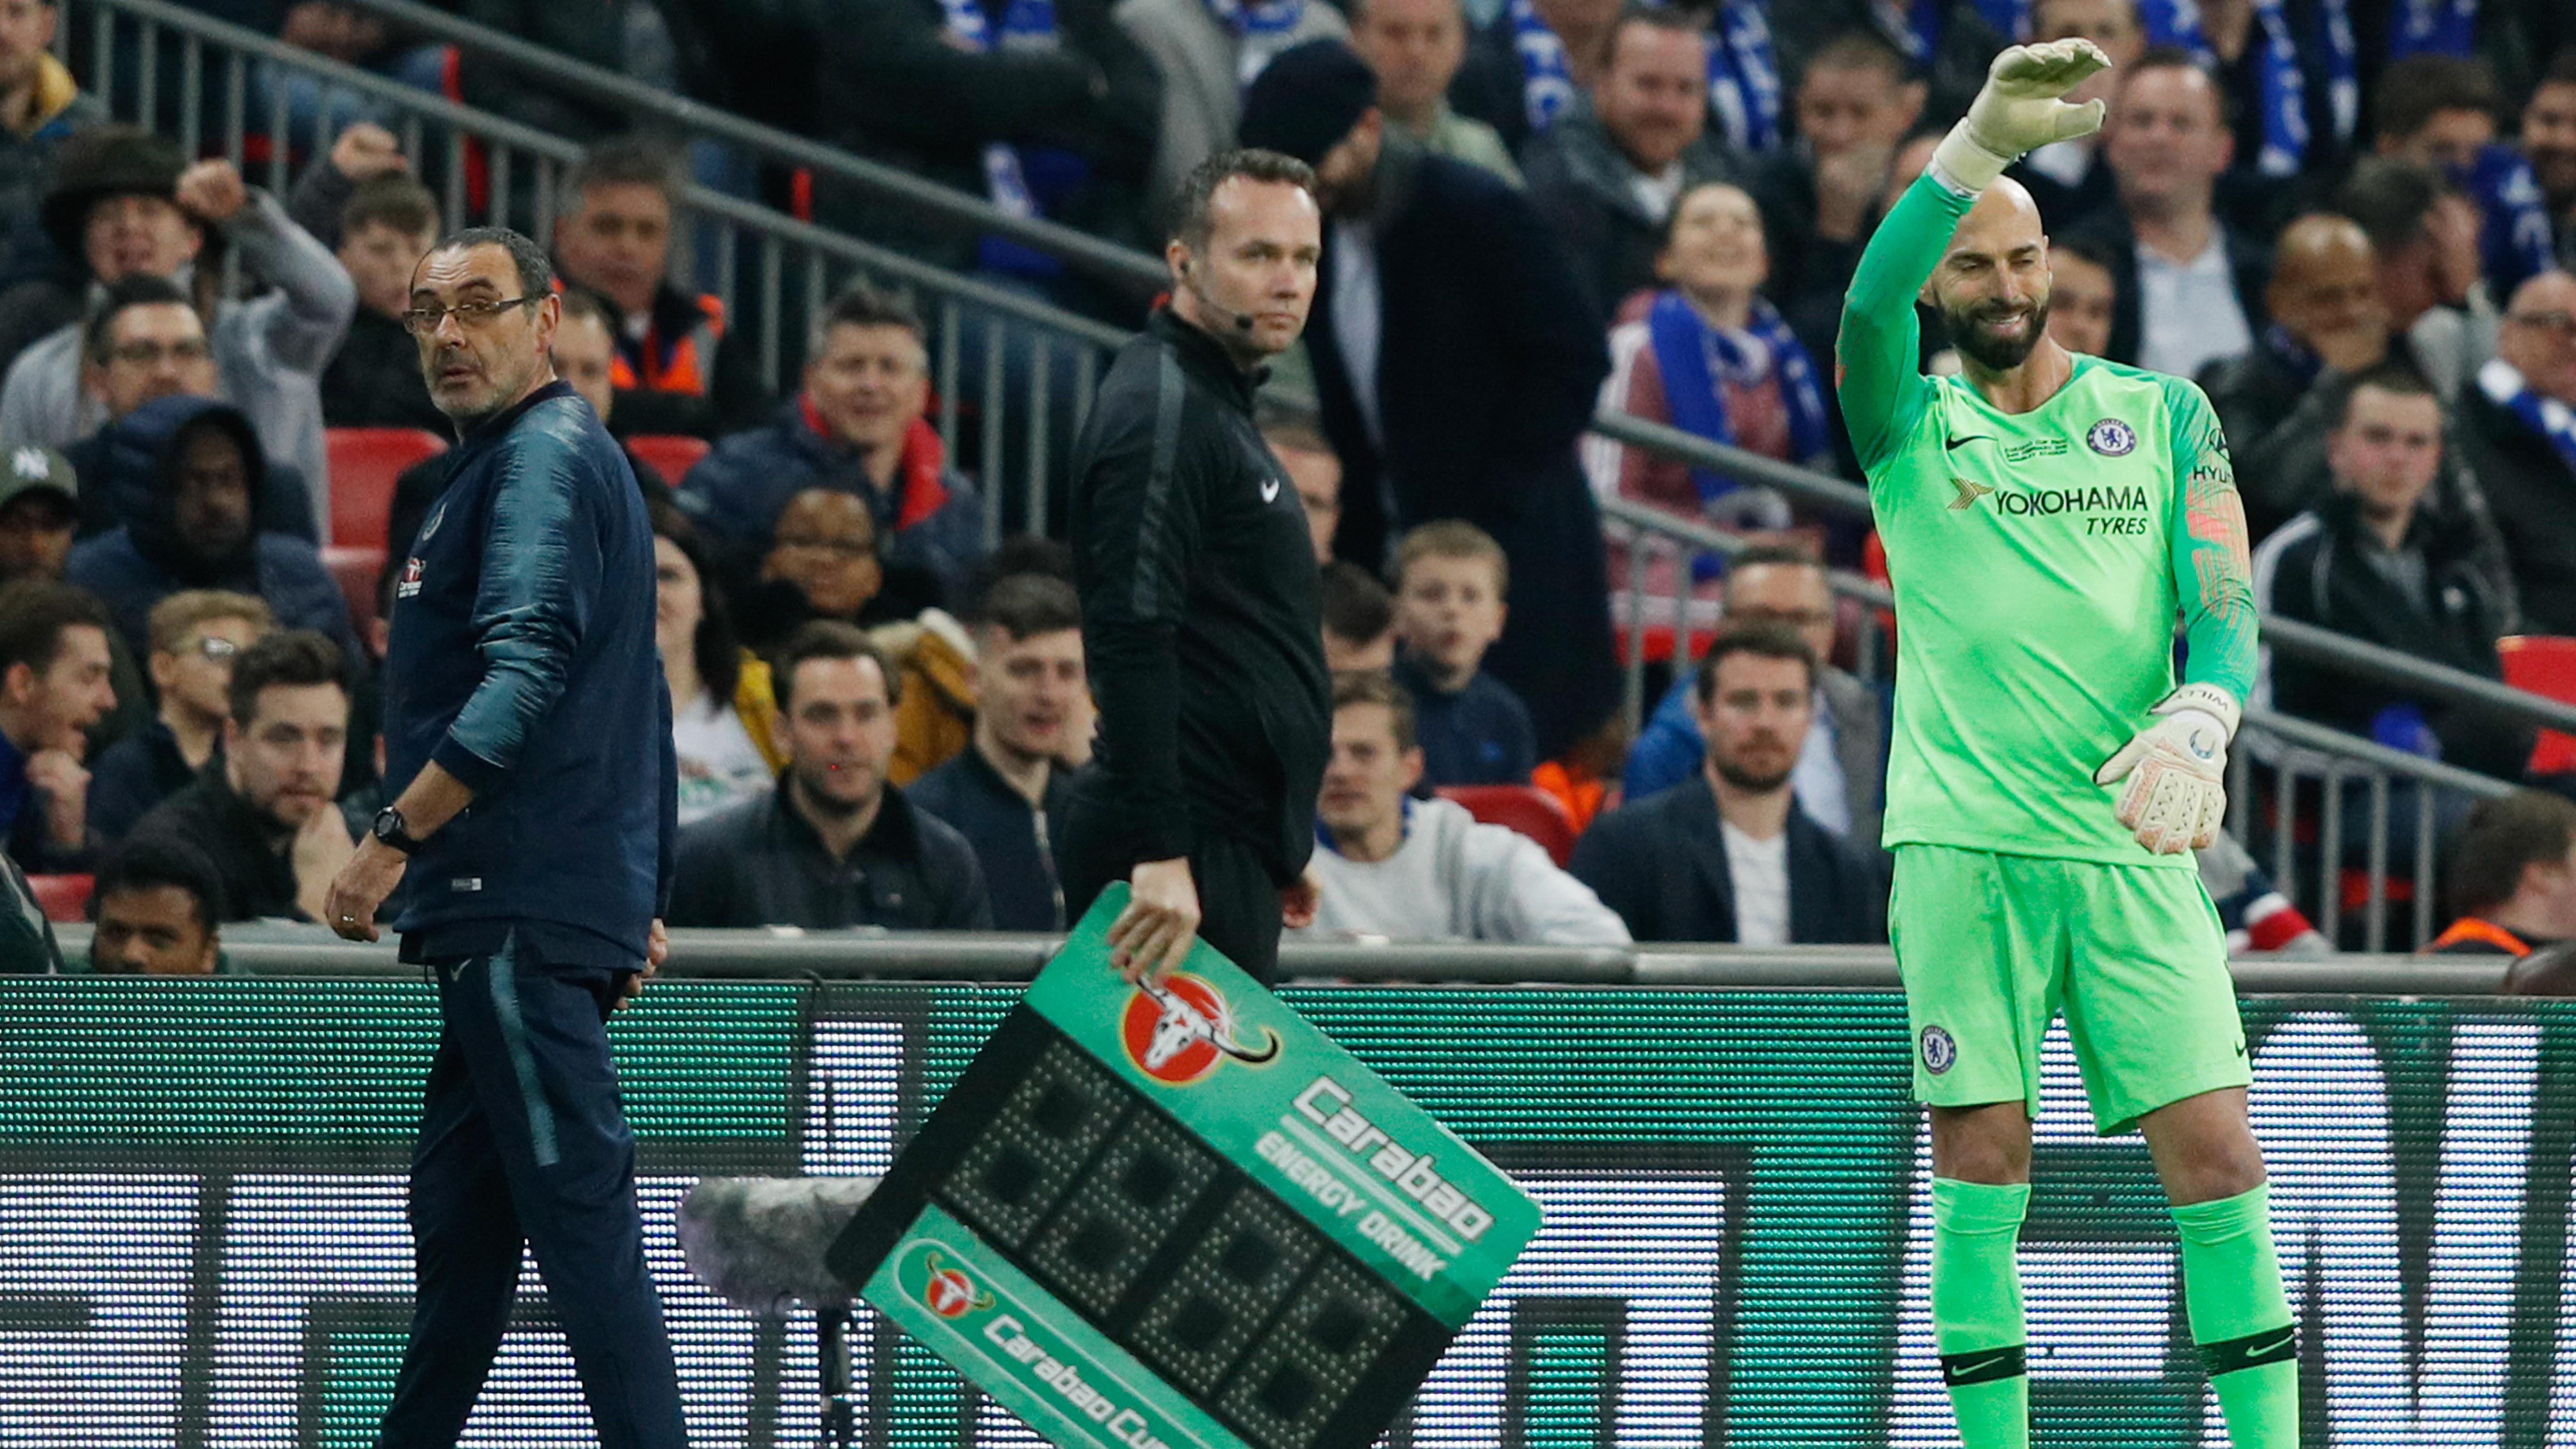 9bb57ab79 Kepa Arrizabalaga nie posłuchał Maurizio Sarriego i nie chciał zejść z  boiska - Premier League